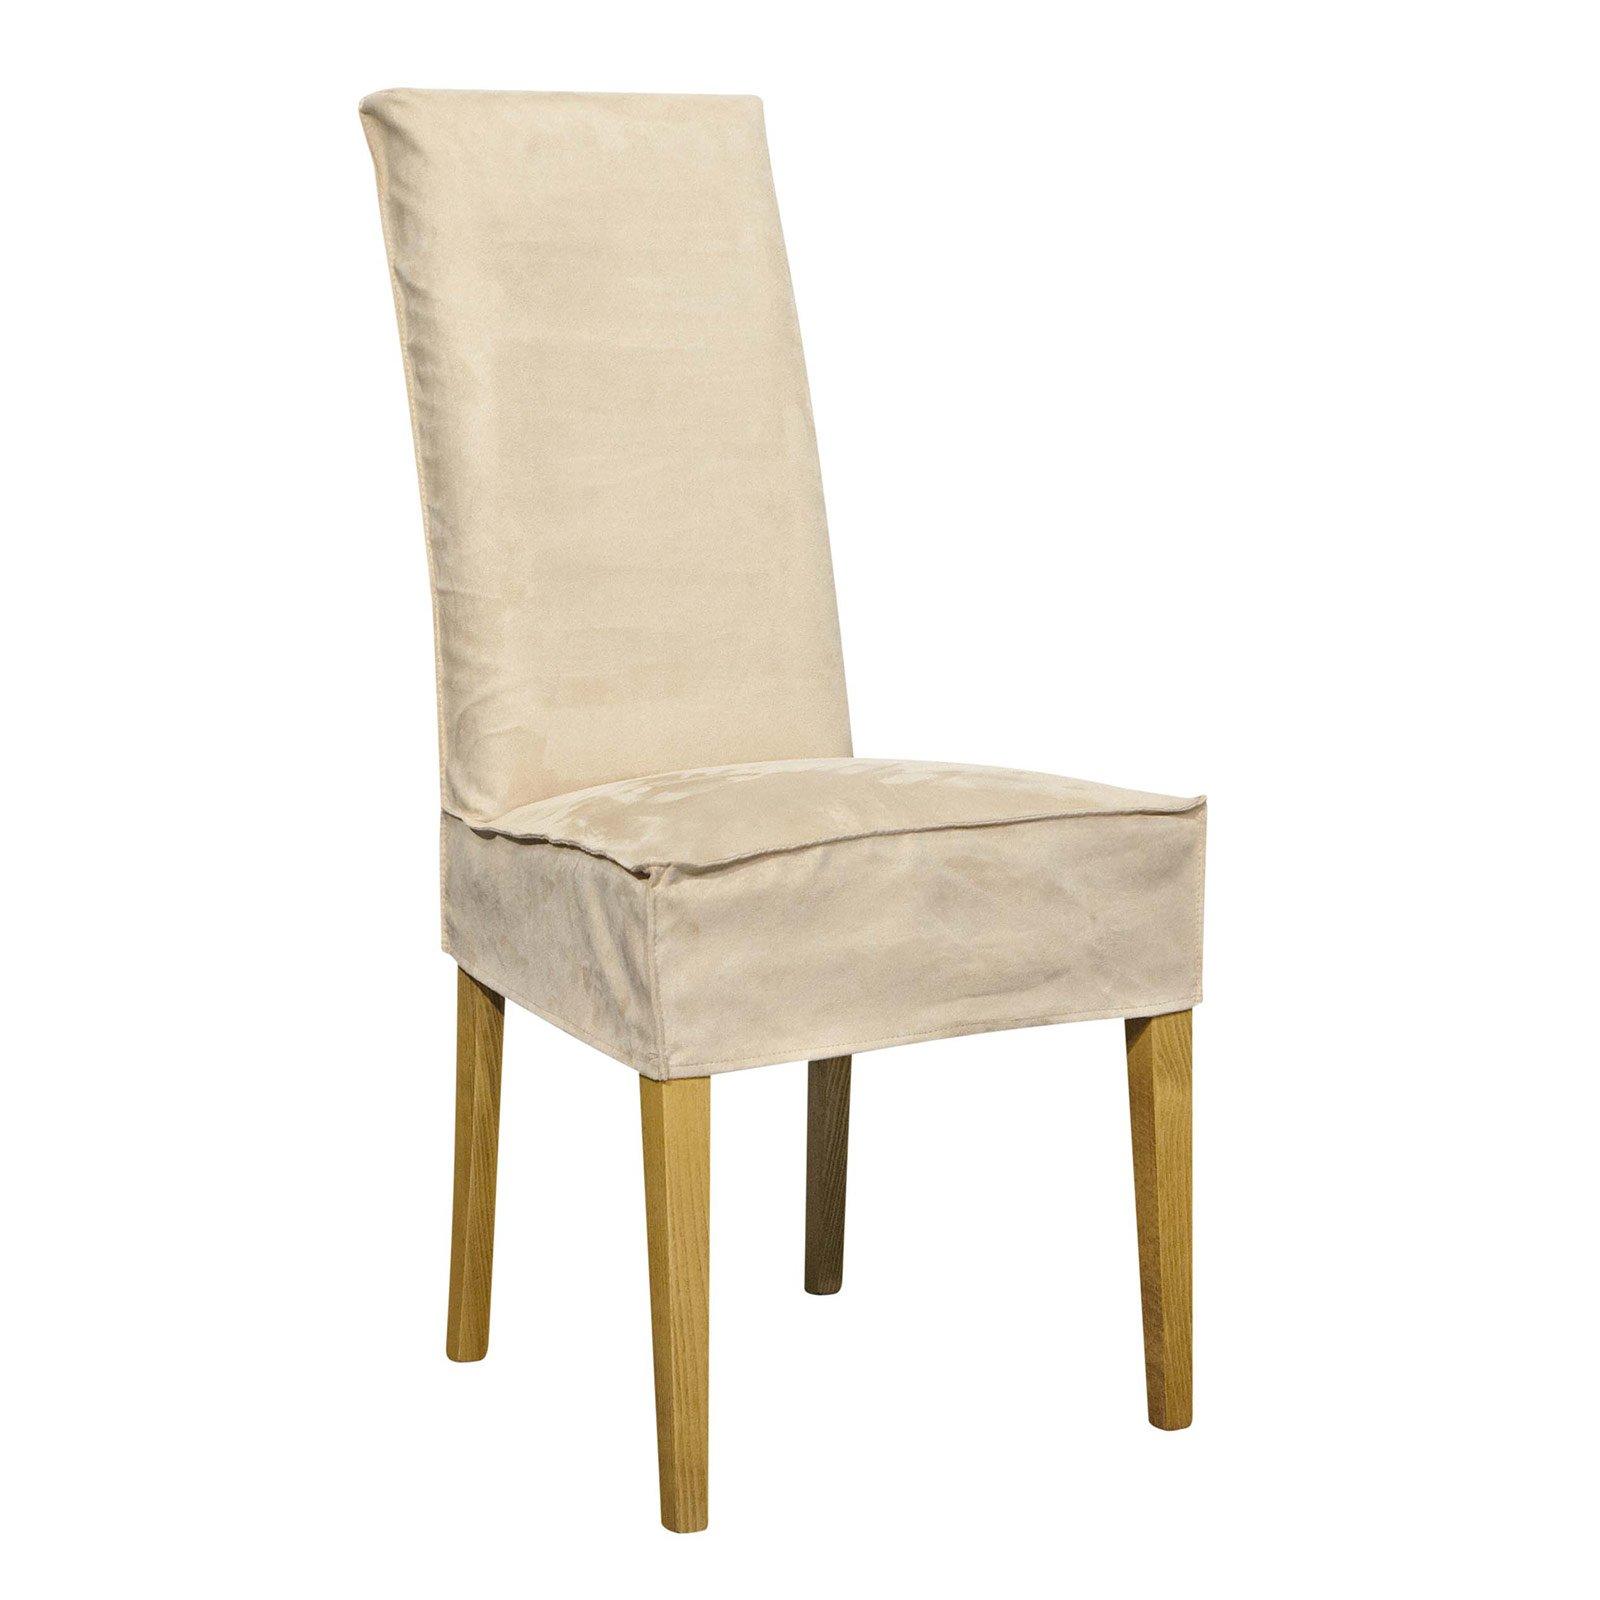 Rivestimenti per sedie in tessuto sanotint light tabella - Tappezzare una sedia ...